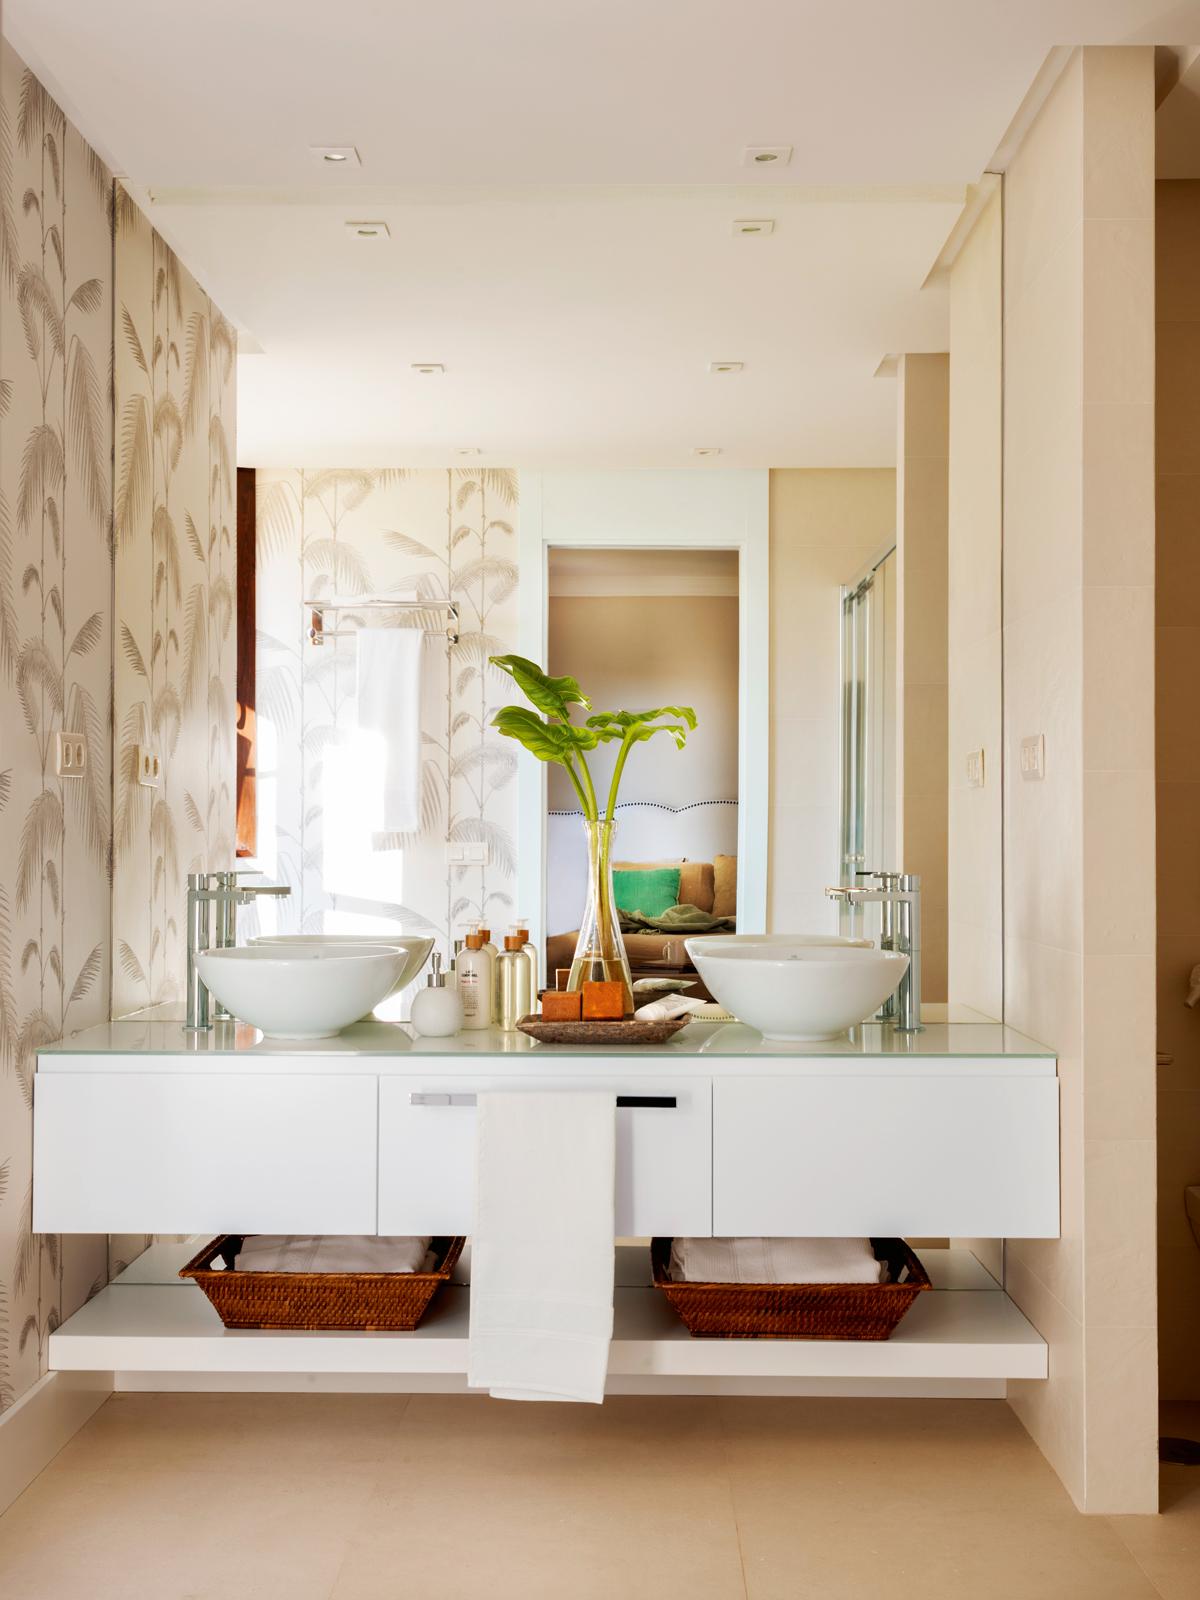 Decoración y diseño de baños con dos lavabos y un solo espejo